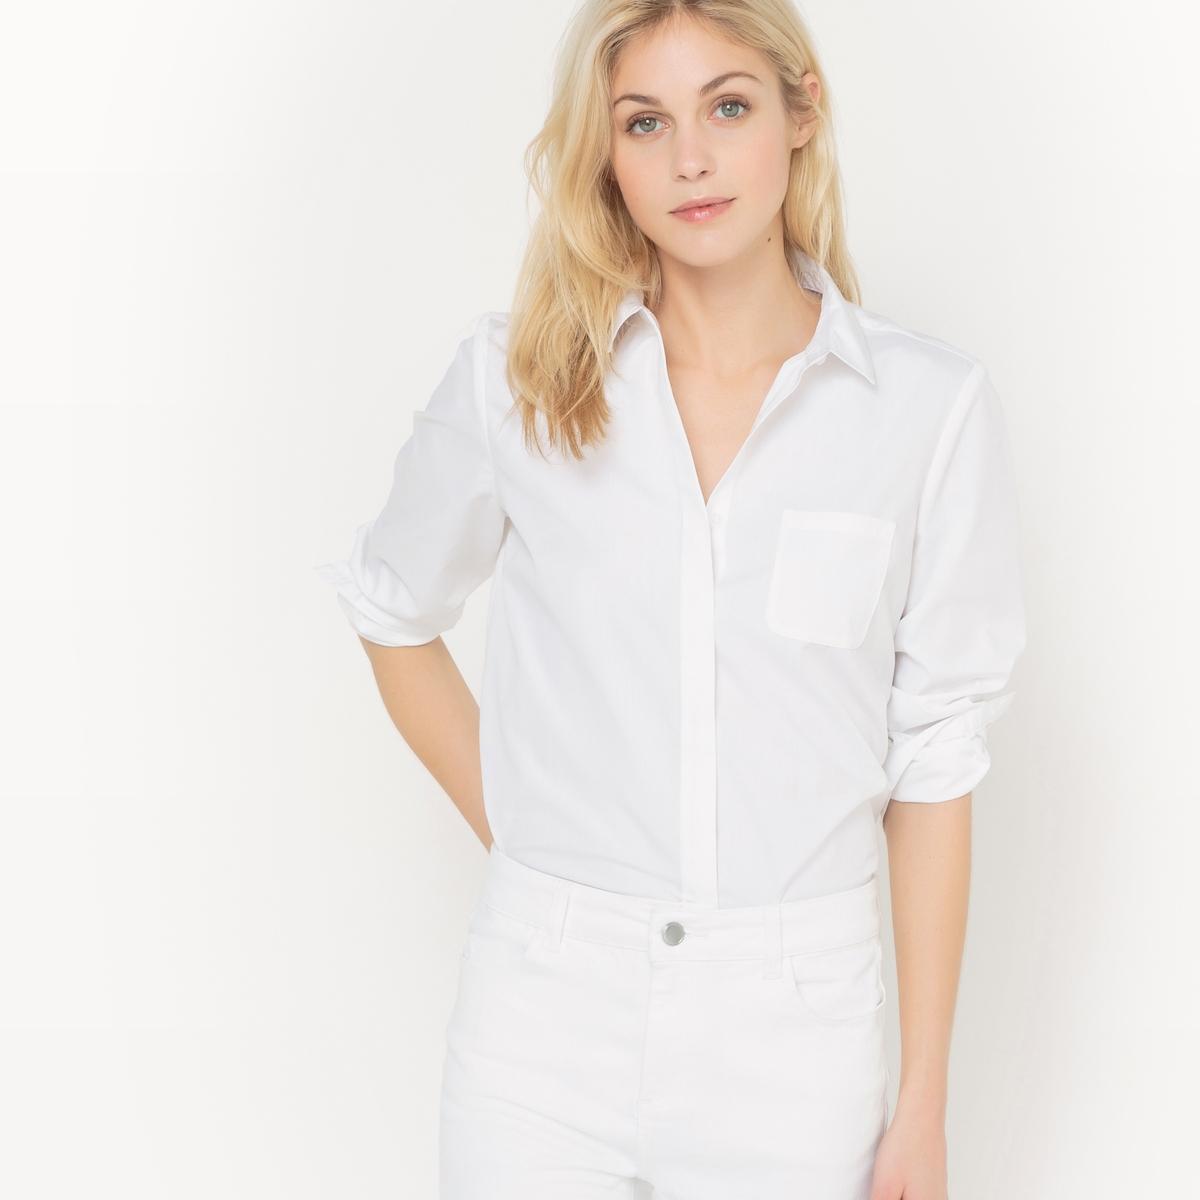 Рубашка прямого покроя из хлопкаДетали  •  Длинные рукава • Покрой прямой •  Рубашечный воротник-полоСостав и уход •  69% хлопка, 3% эластана, 28% полиамида •  Стирать при температуре 30° •  Сухая чистка и отбеливание запрещены   •  Не использовать барабанную сушку  •  Гладить при низкой температуре<br><br>Цвет: белый<br>Размер: 34 (FR) - 40 (RUS).42 (FR) - 48 (RUS).50 (FR) - 56 (RUS).48 (FR) - 54 (RUS).36 (FR) - 42 (RUS)